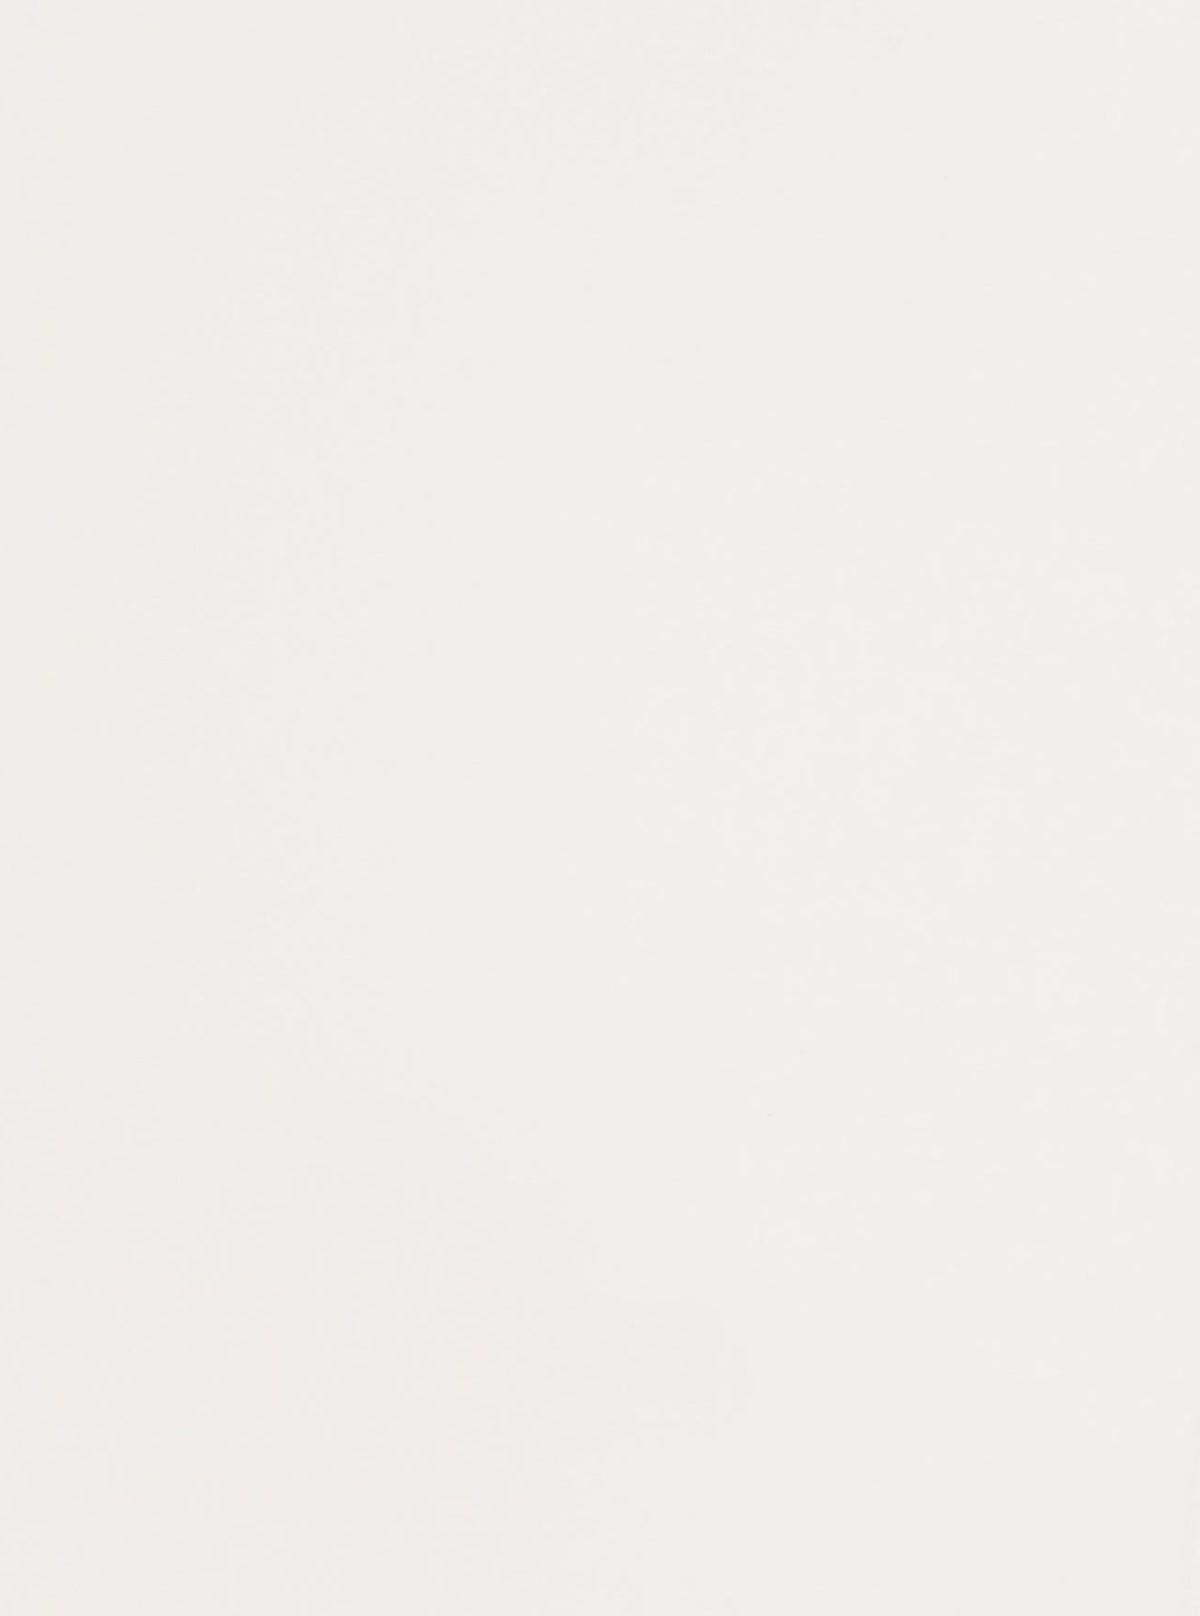 White&Cream 1140-SW00 white matt 25x33x0,75 I sort - Hansas Plaadimaailm